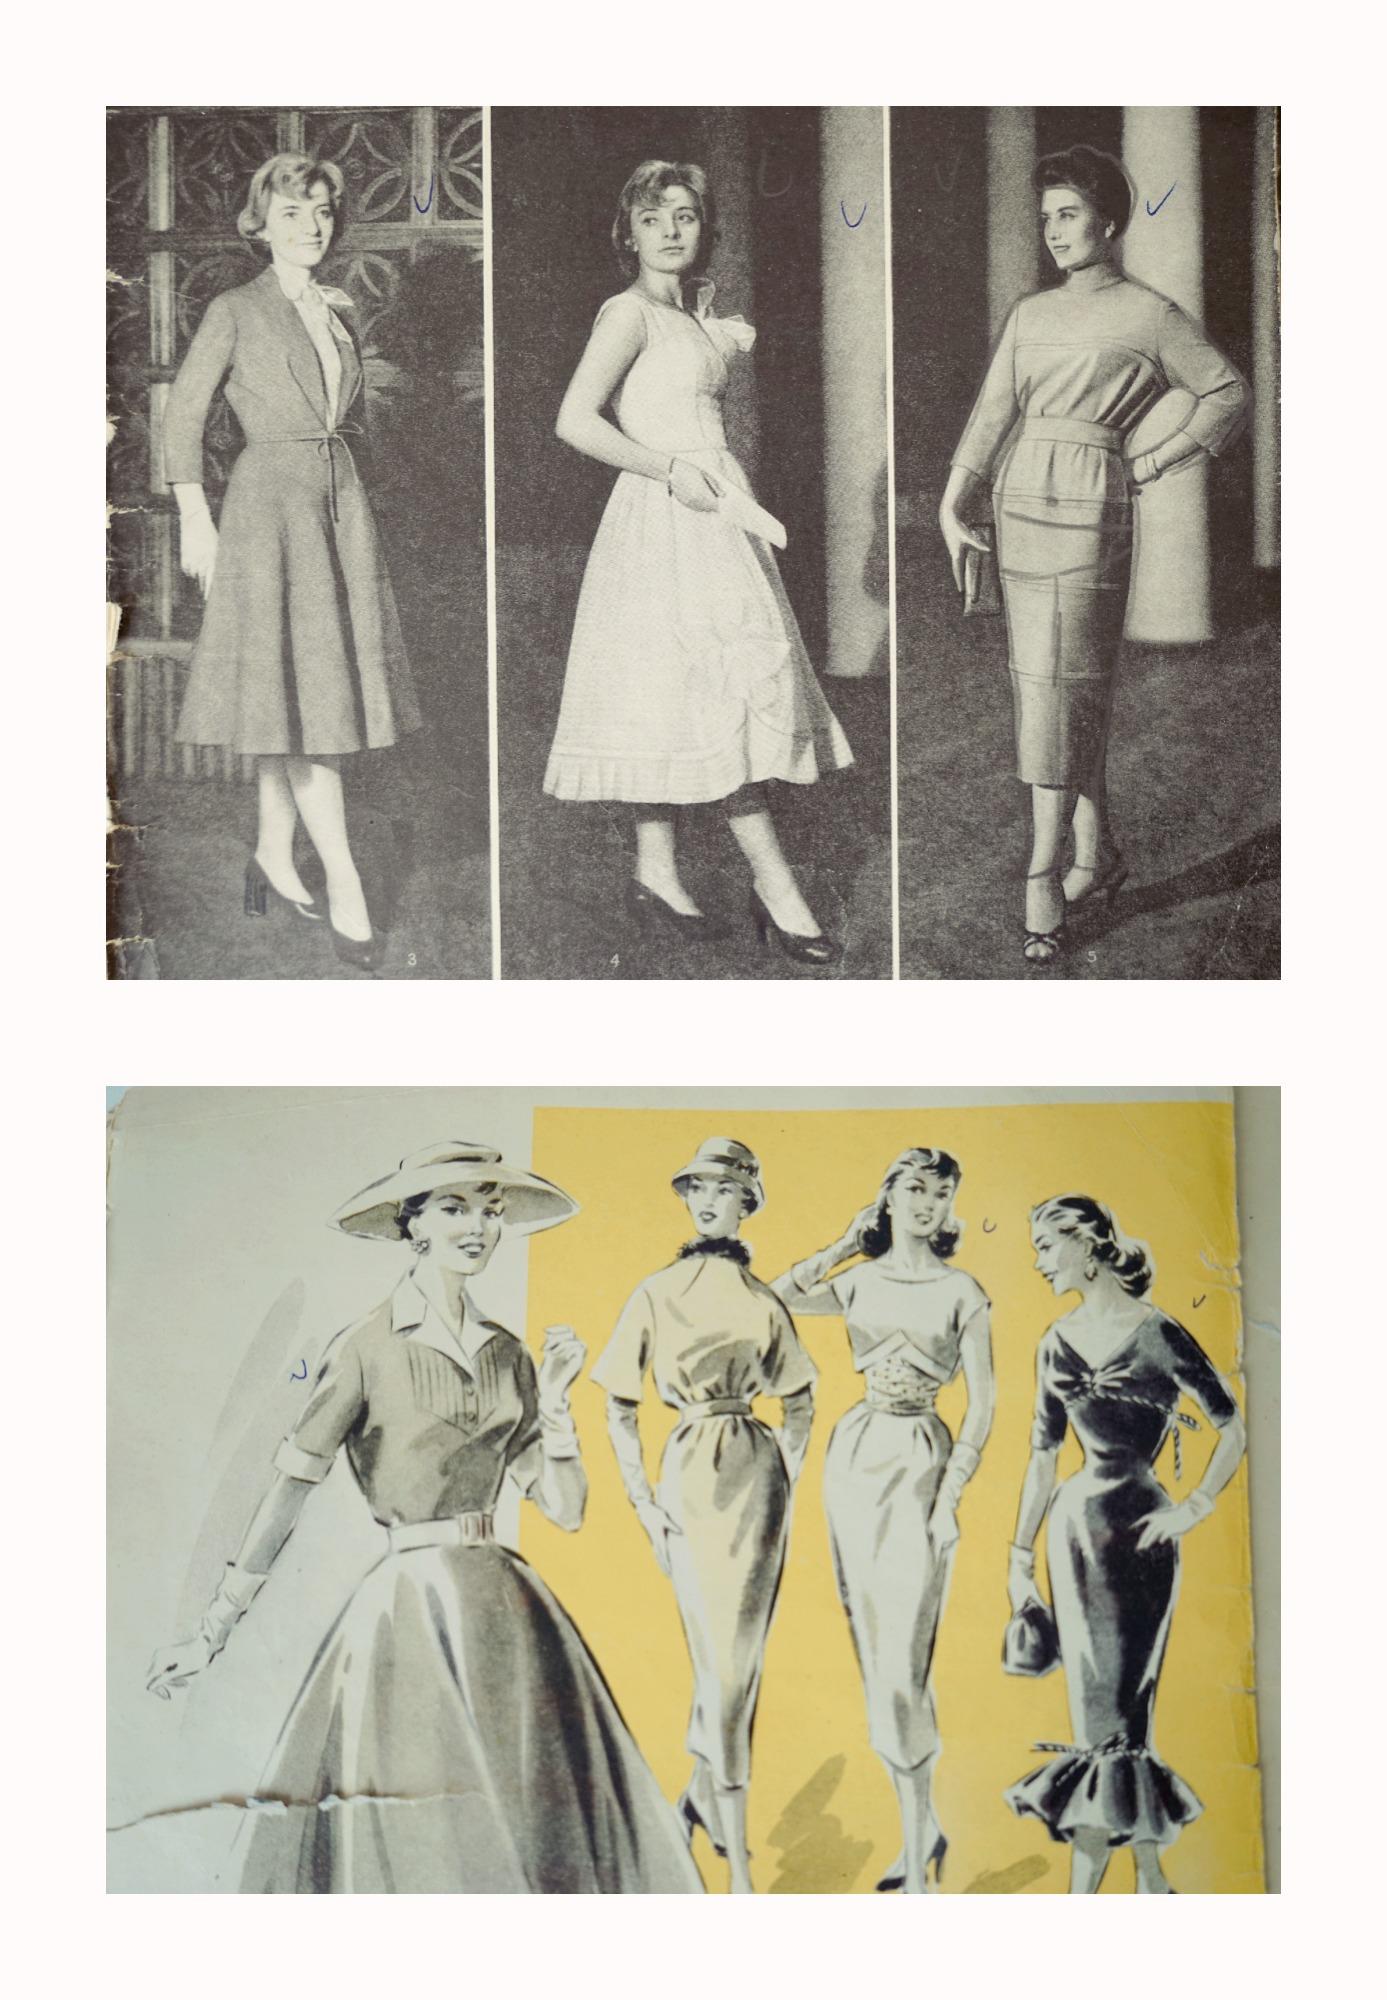 vintage dresses redddddf